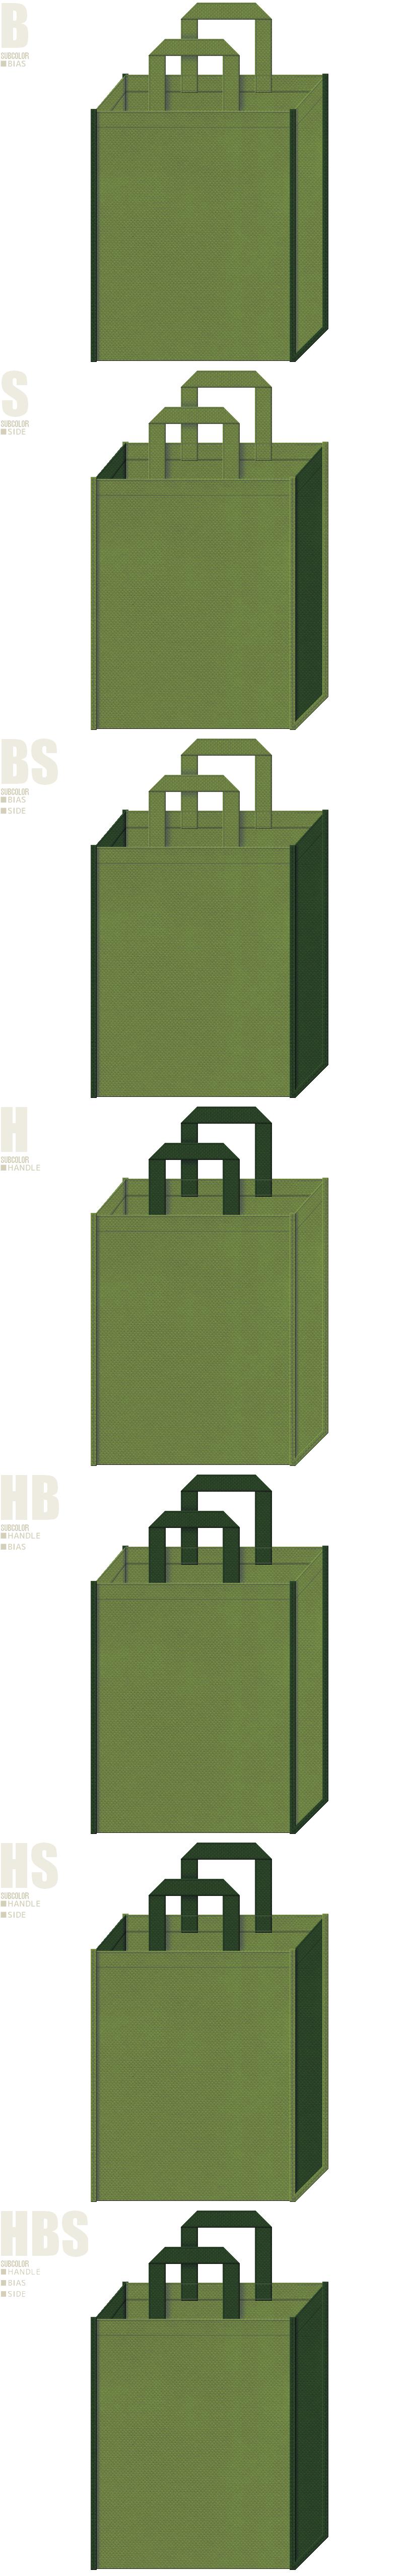 草色と濃緑色、7パターンの不織布トートバッグ配色デザイン例。日本茶・庭木・盆栽イベントのバッグノベルティ、造園用品の展示会用バッグにお奨めです。